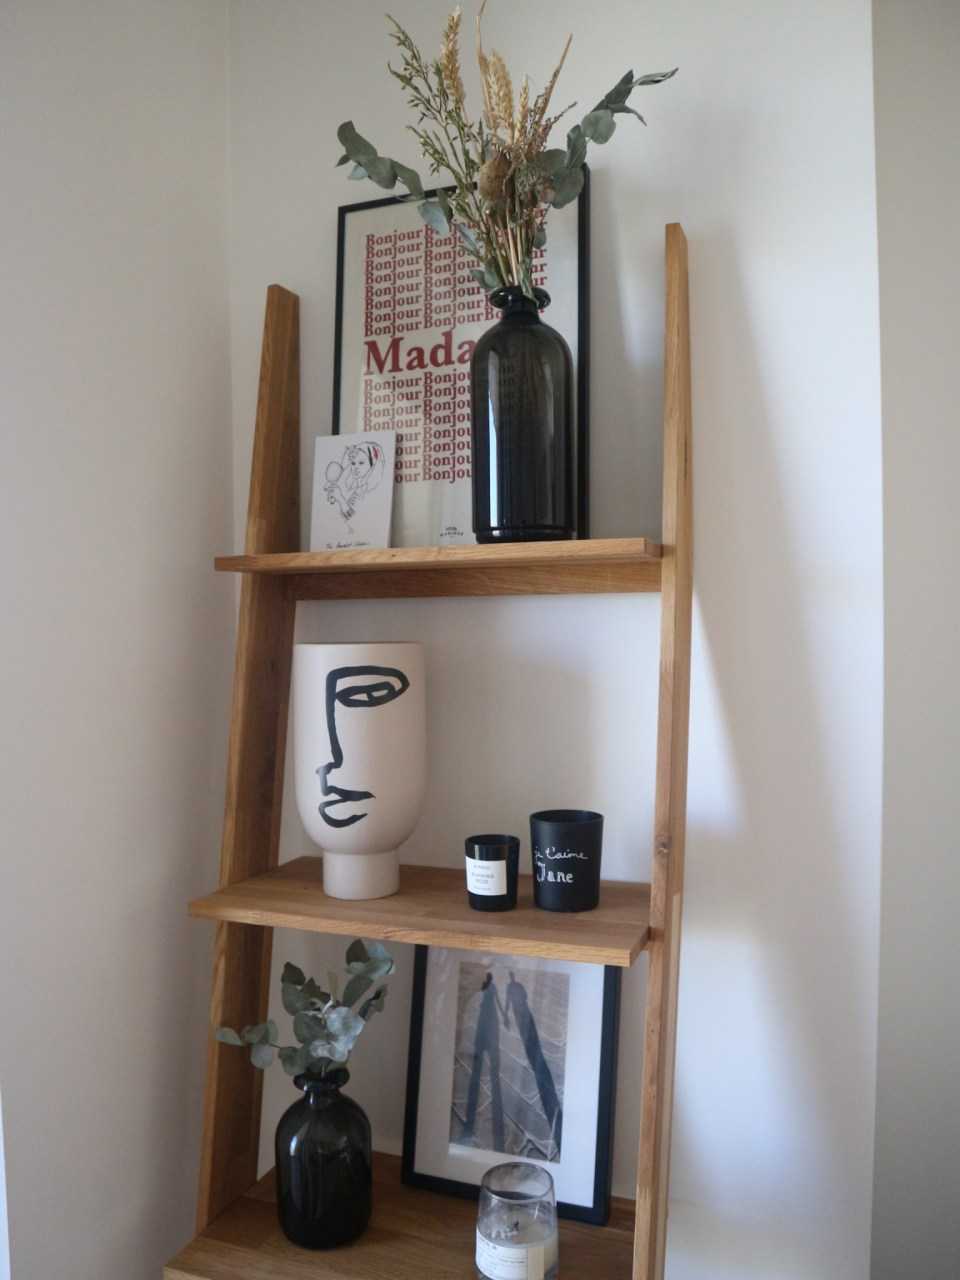 styled ladder shelf